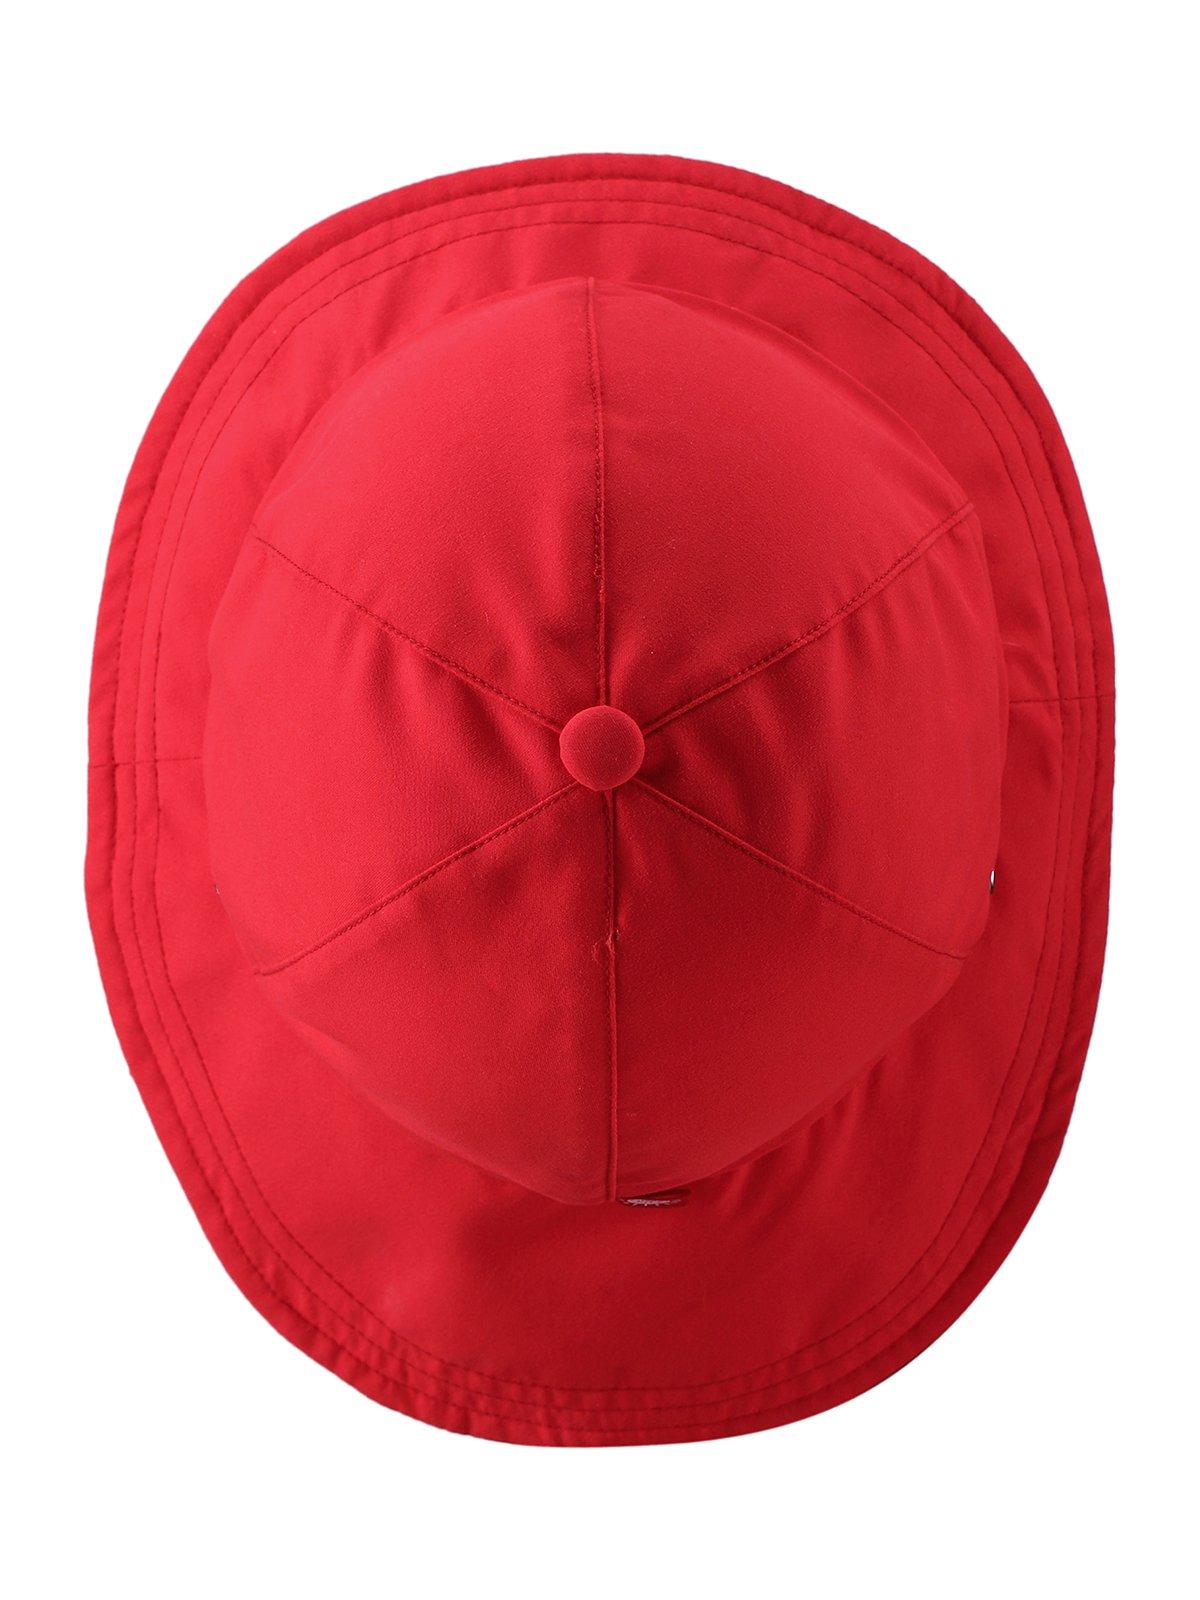 Панамка червона | 942833 | фото 3